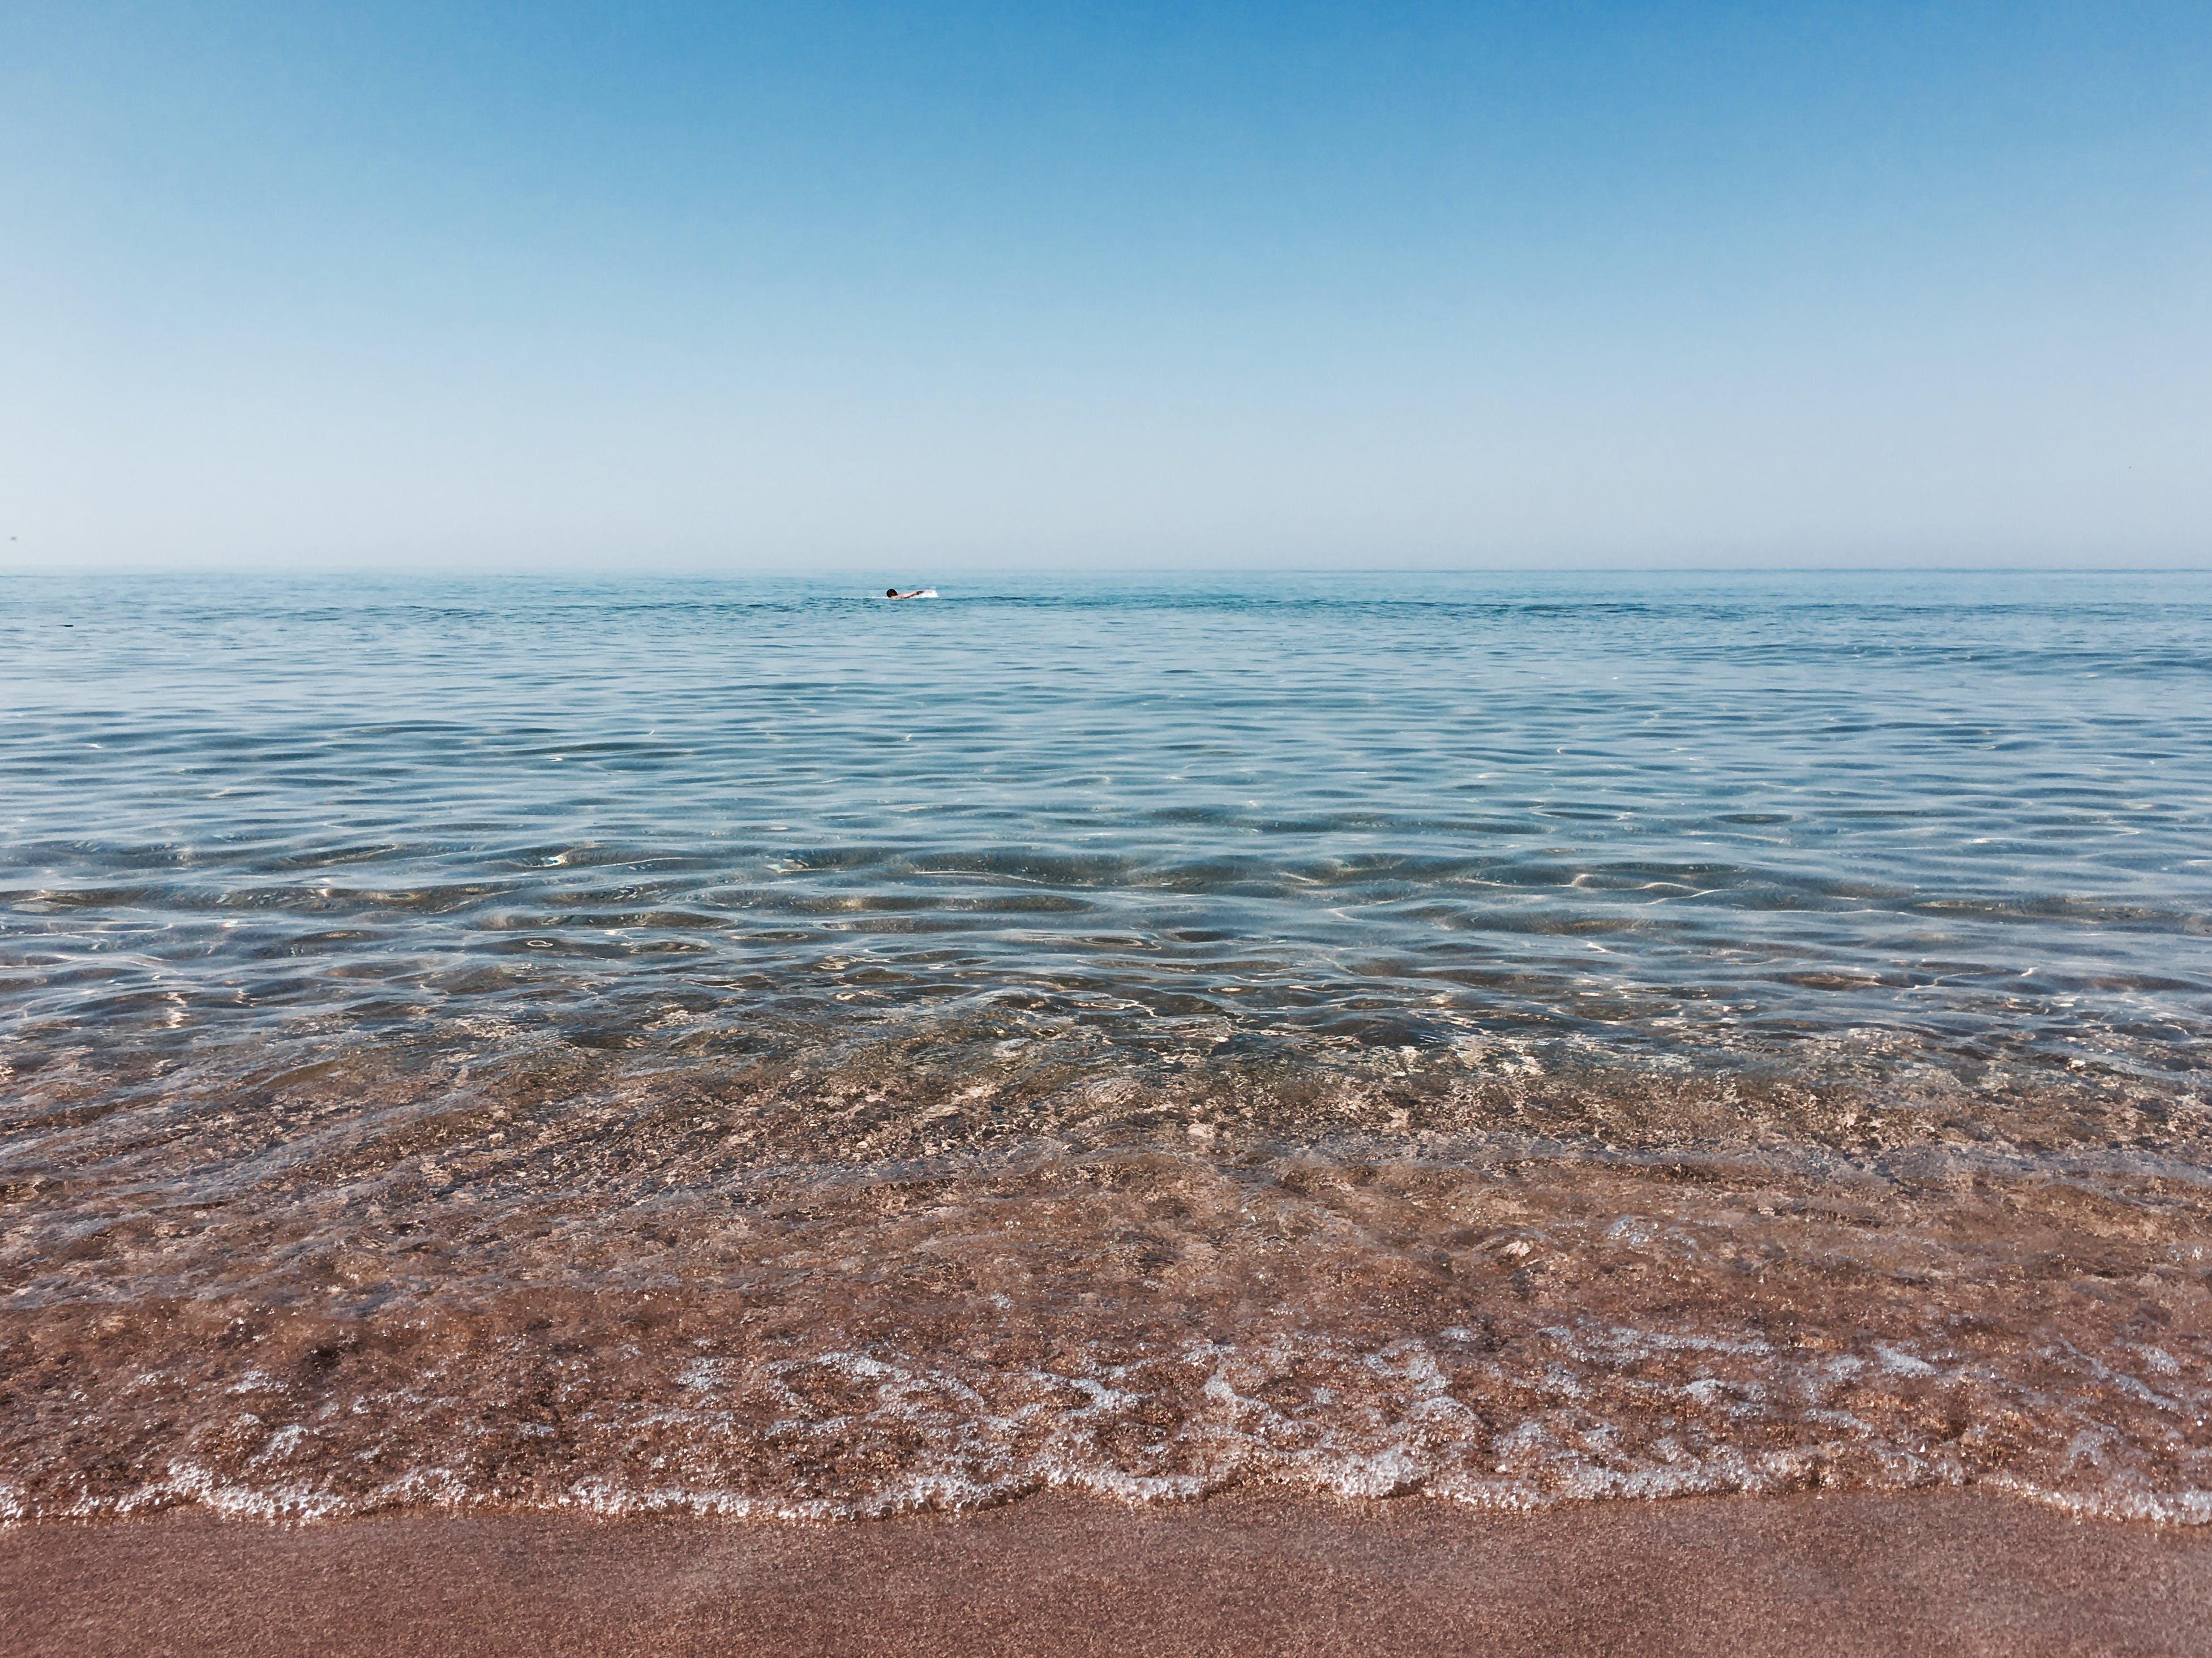 모래, 물, 바다, 바다 경치의 무료 스톡 사진